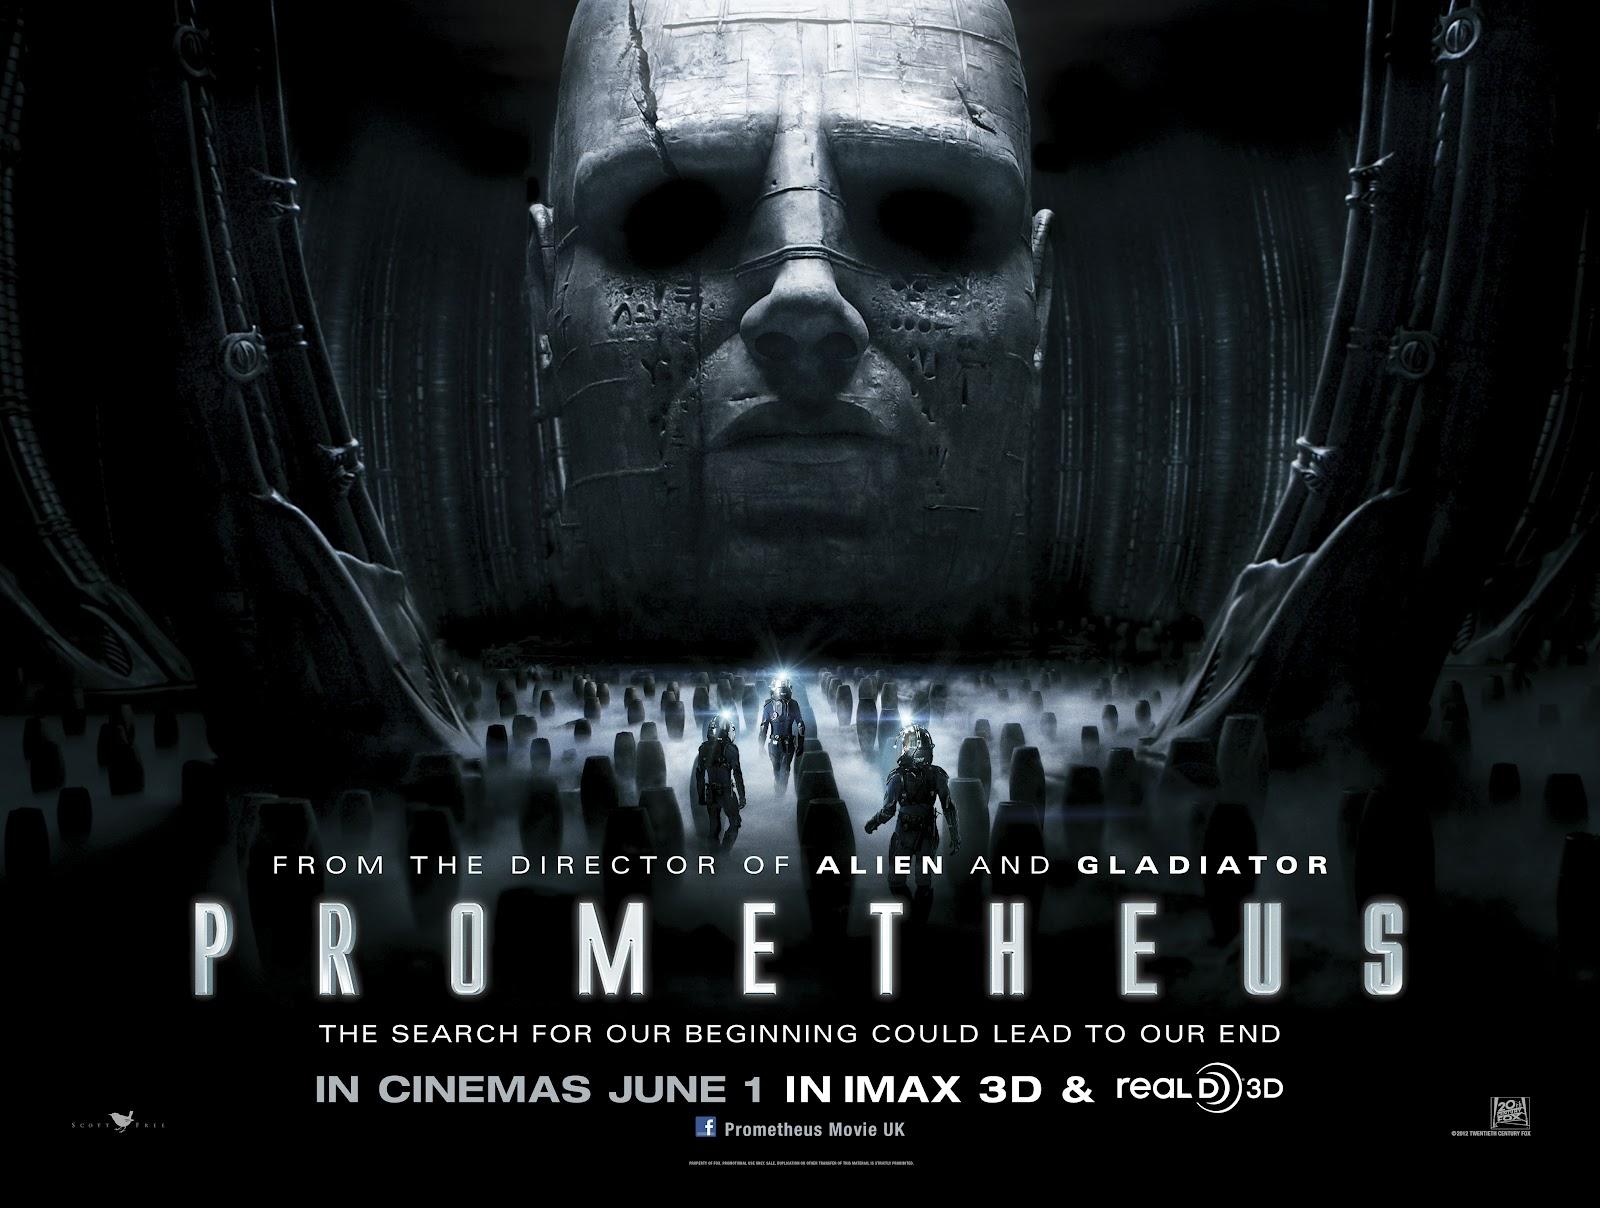 http://4.bp.blogspot.com/-N5KYm3AH3xM/T7-x2ZOvfhI/AAAAAAAAAnM/xyH4ImLizlc/s1600/Quad_AW_Prometheus.jpg